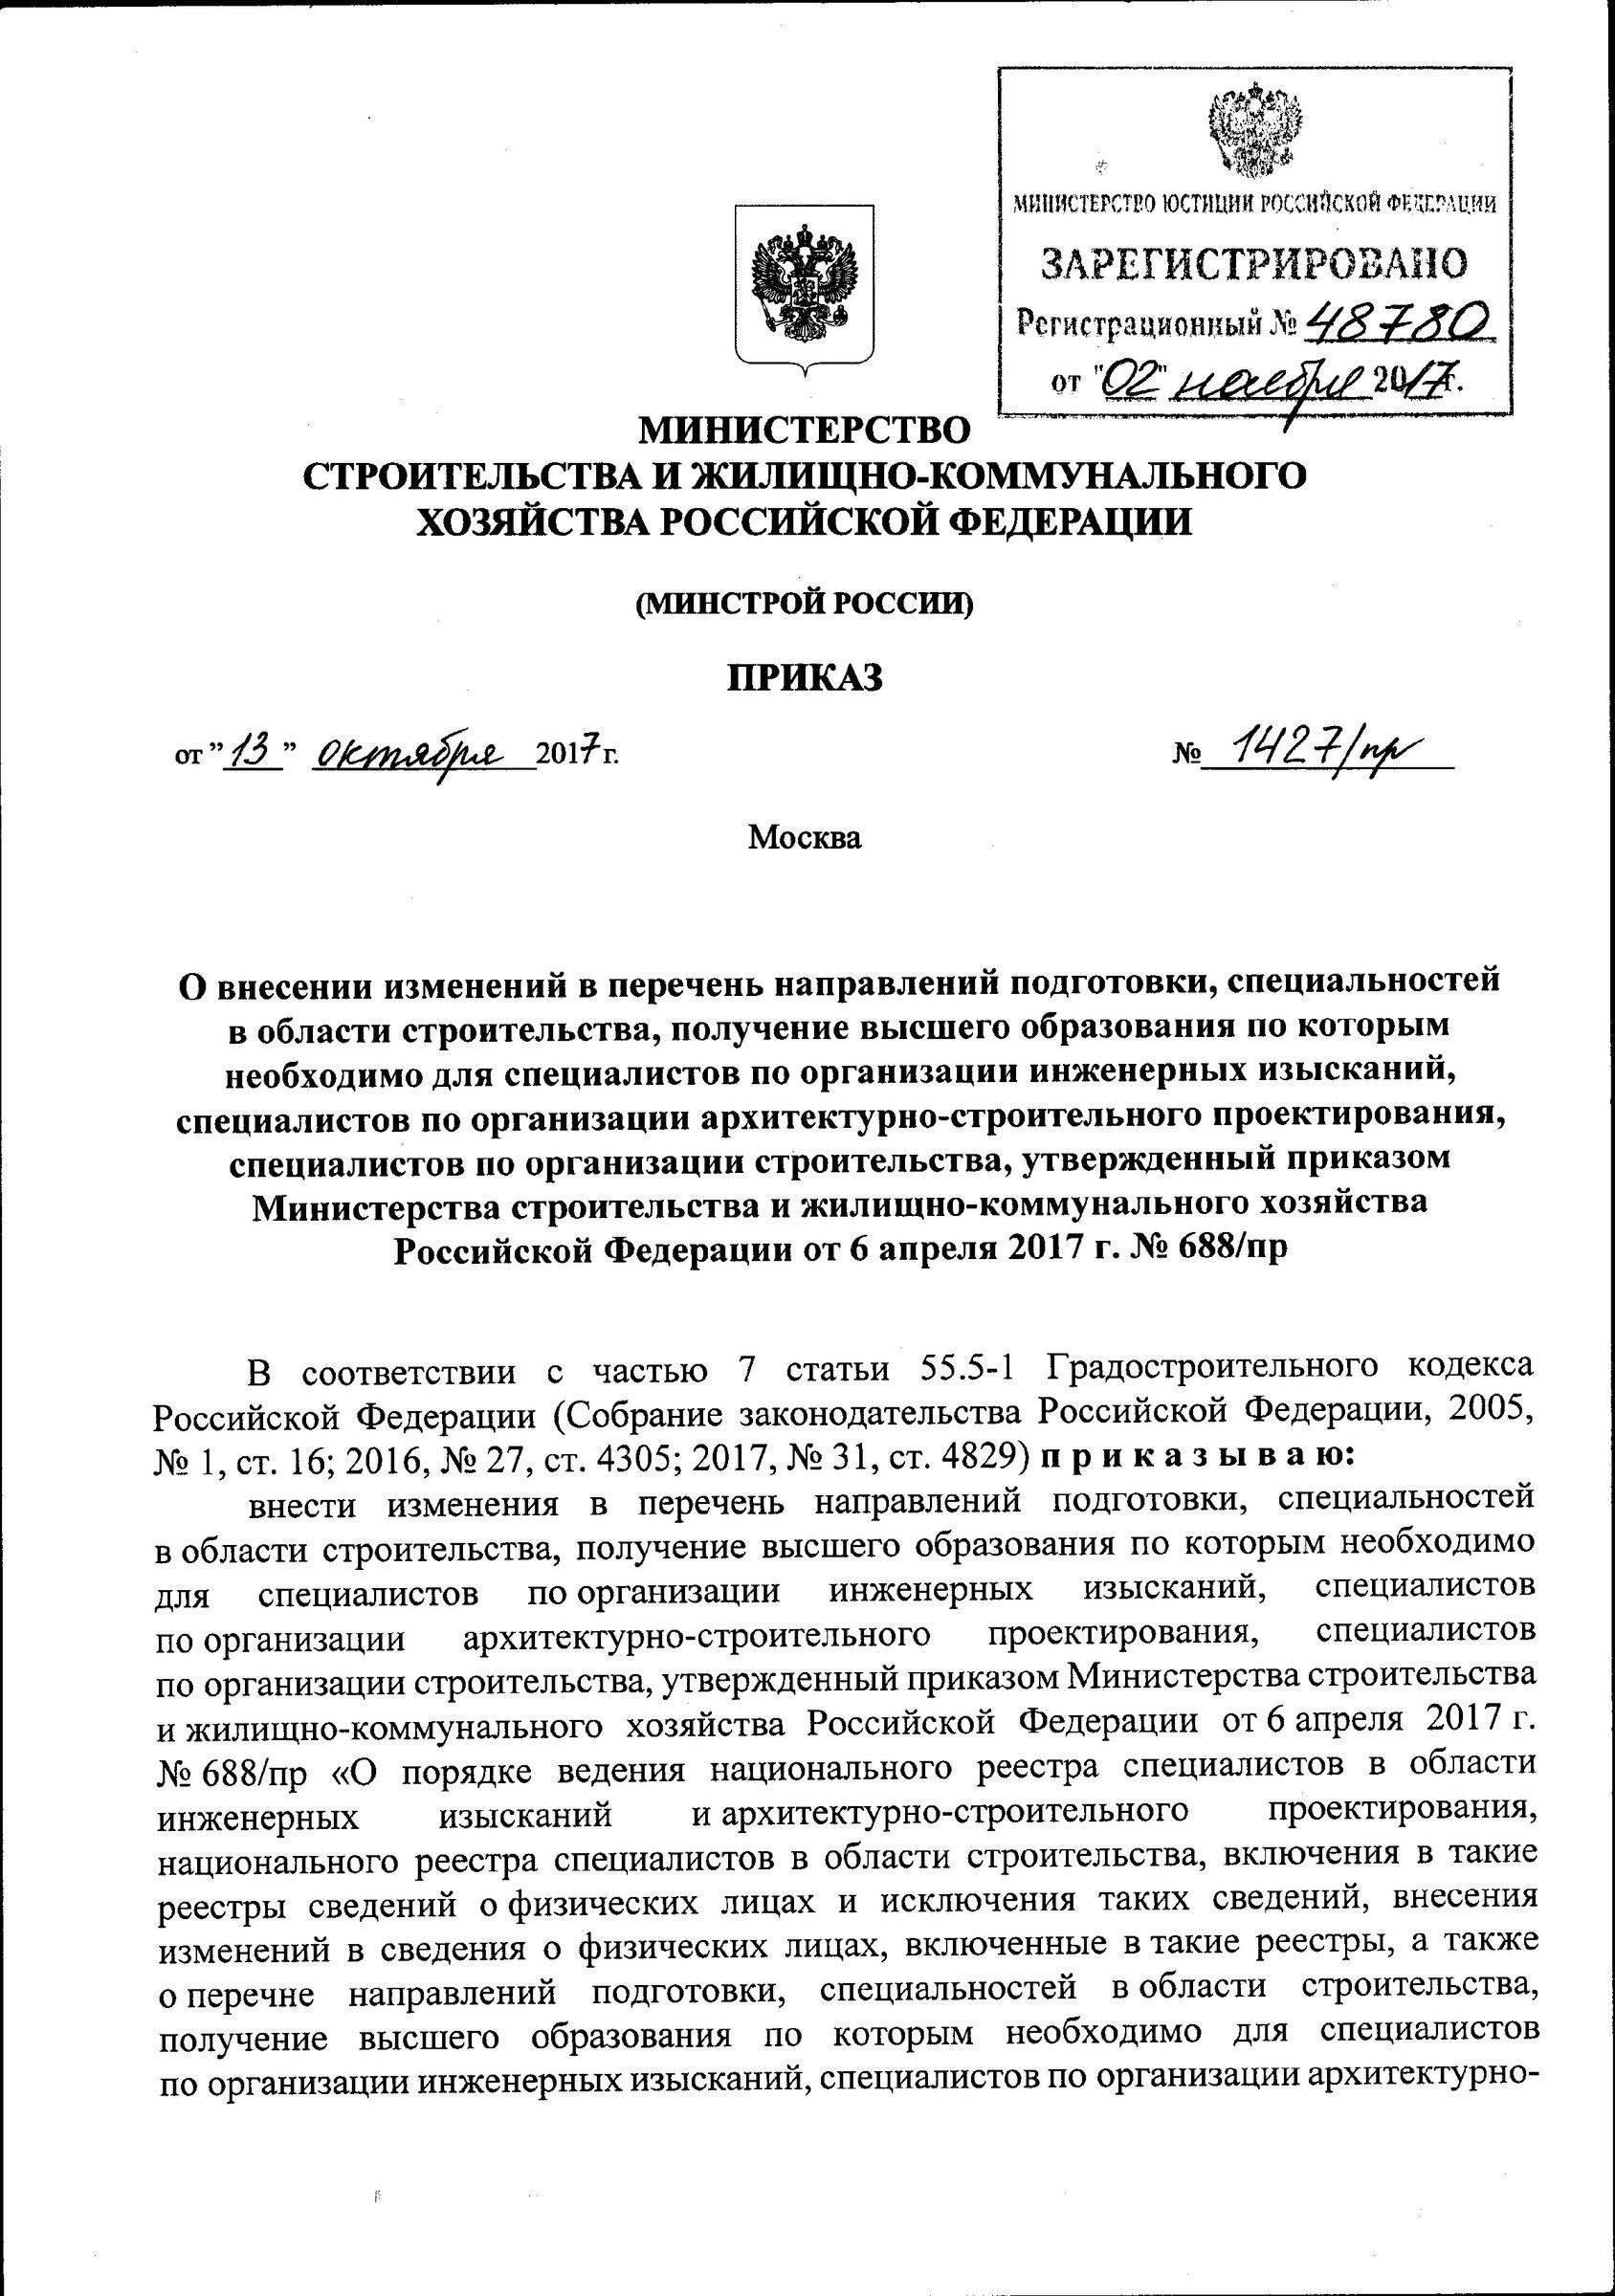 Партнерство Евразия СРО